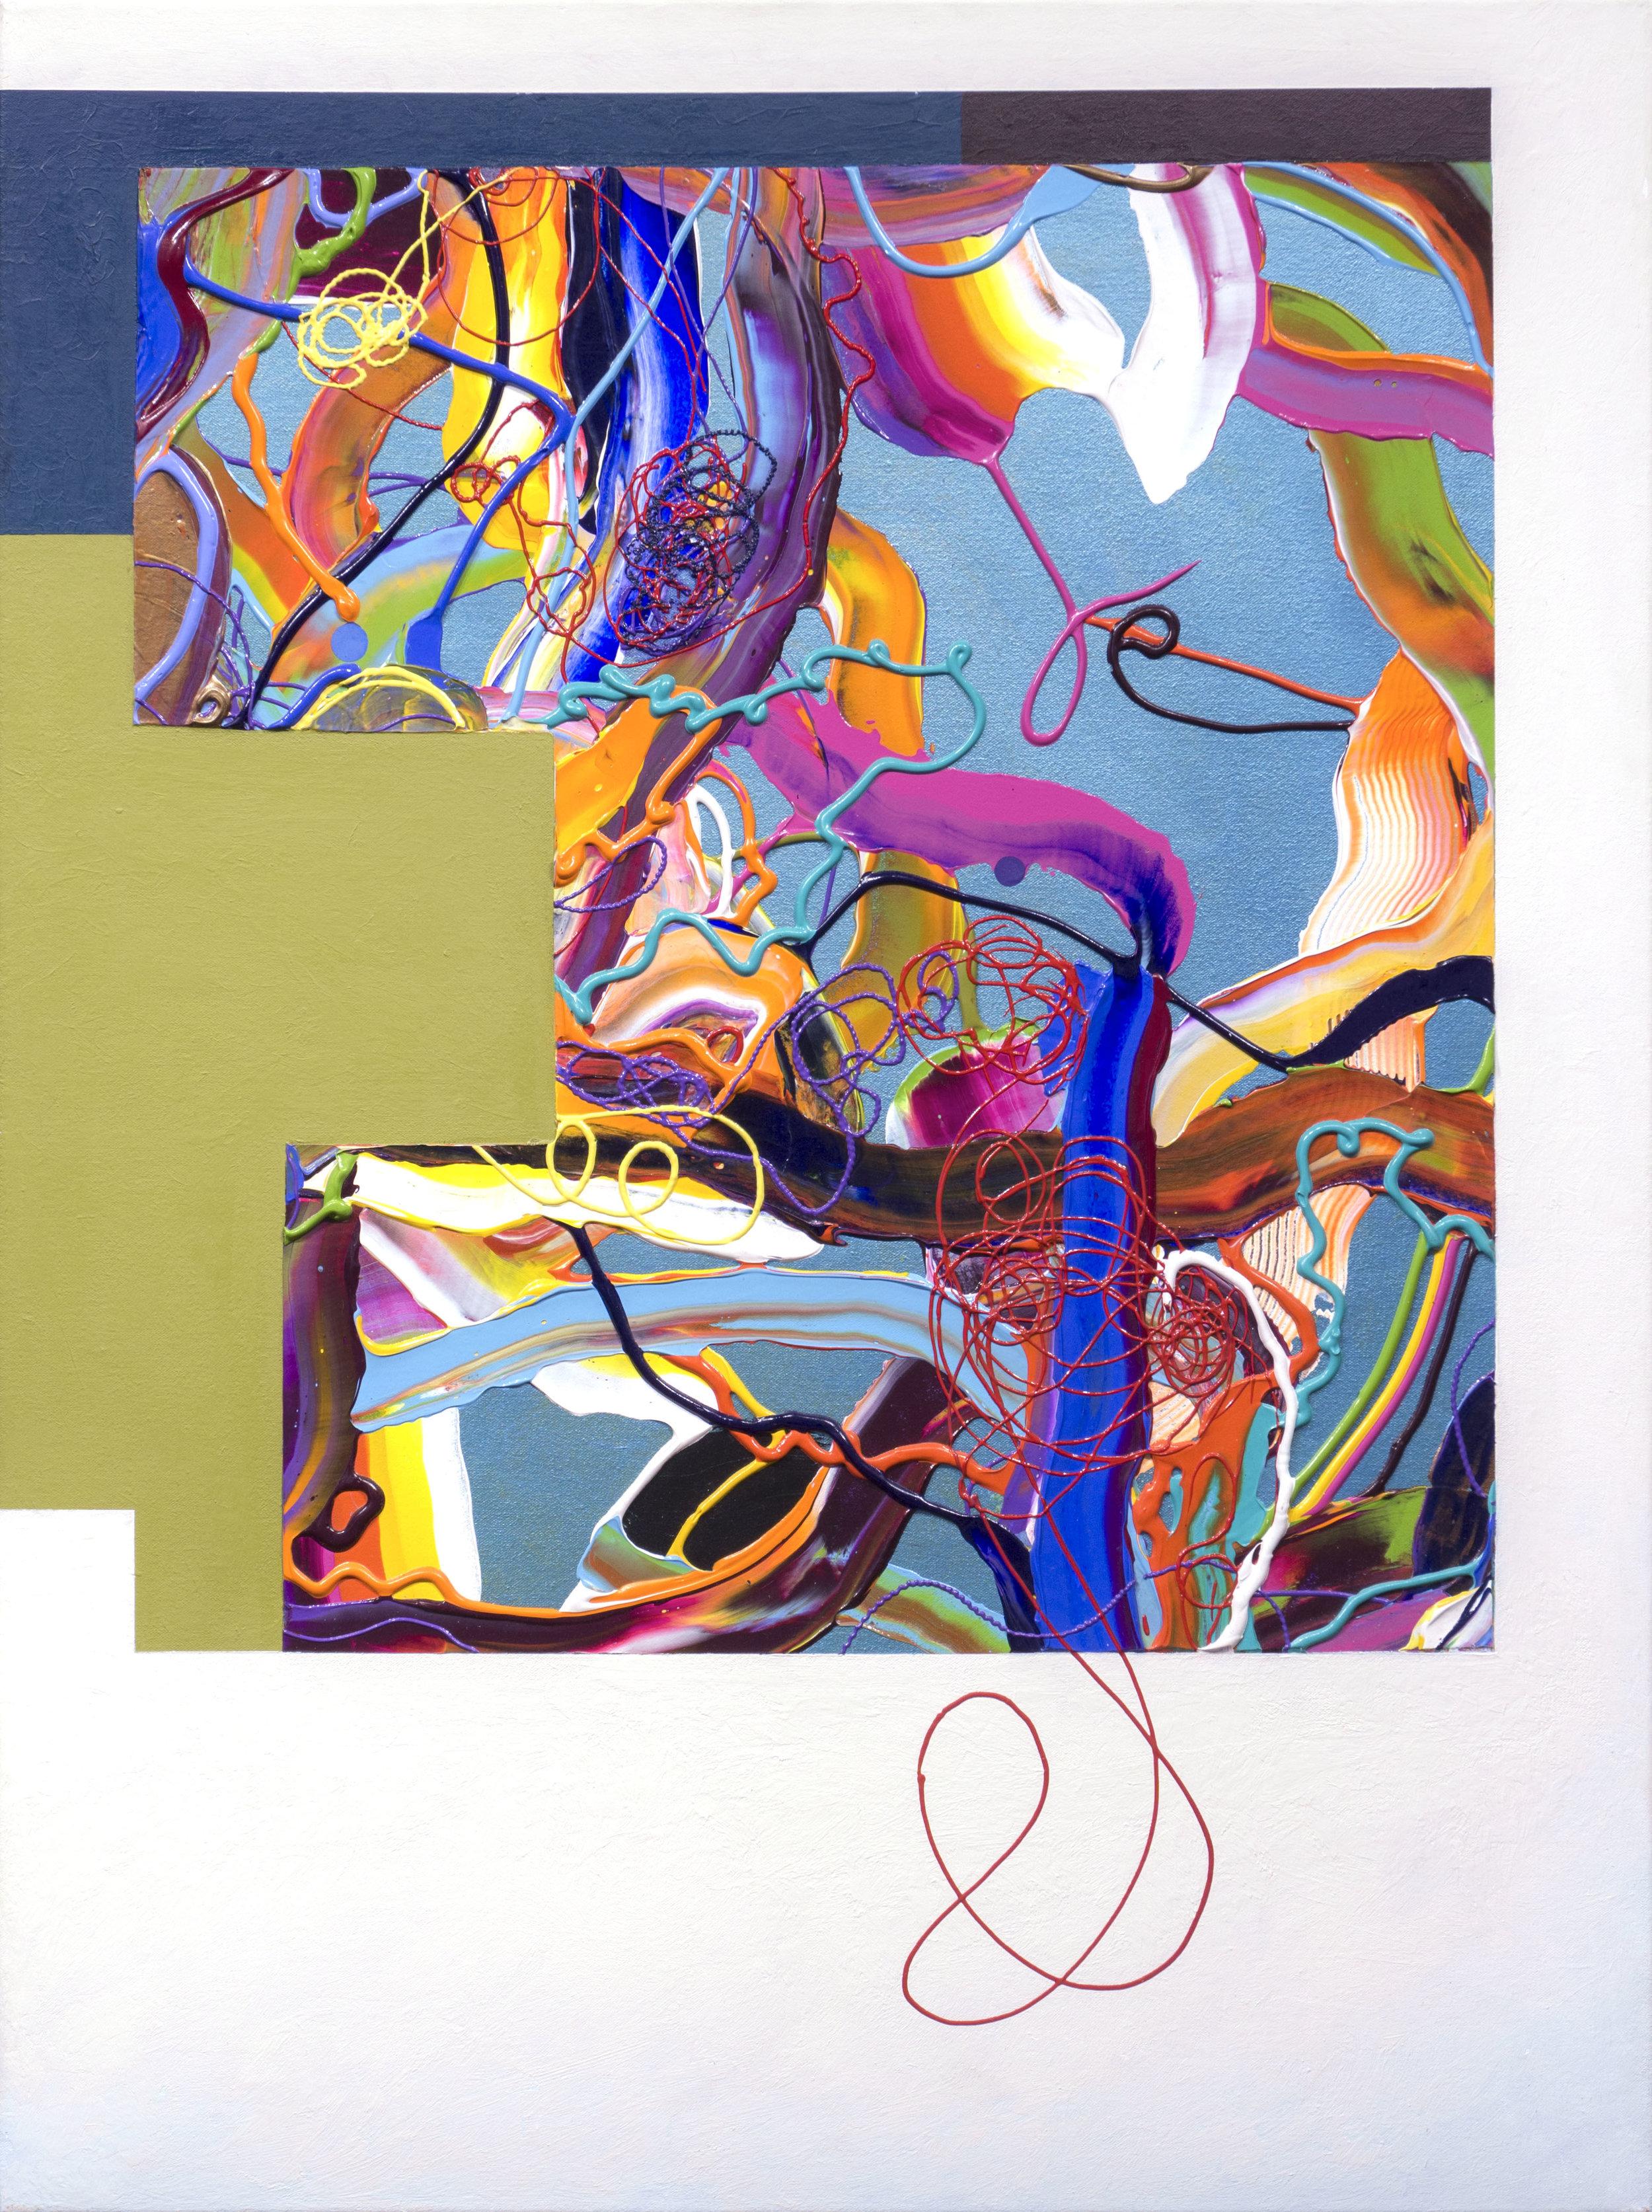 Osbourn_Paintings Of Themselves No17.jpg